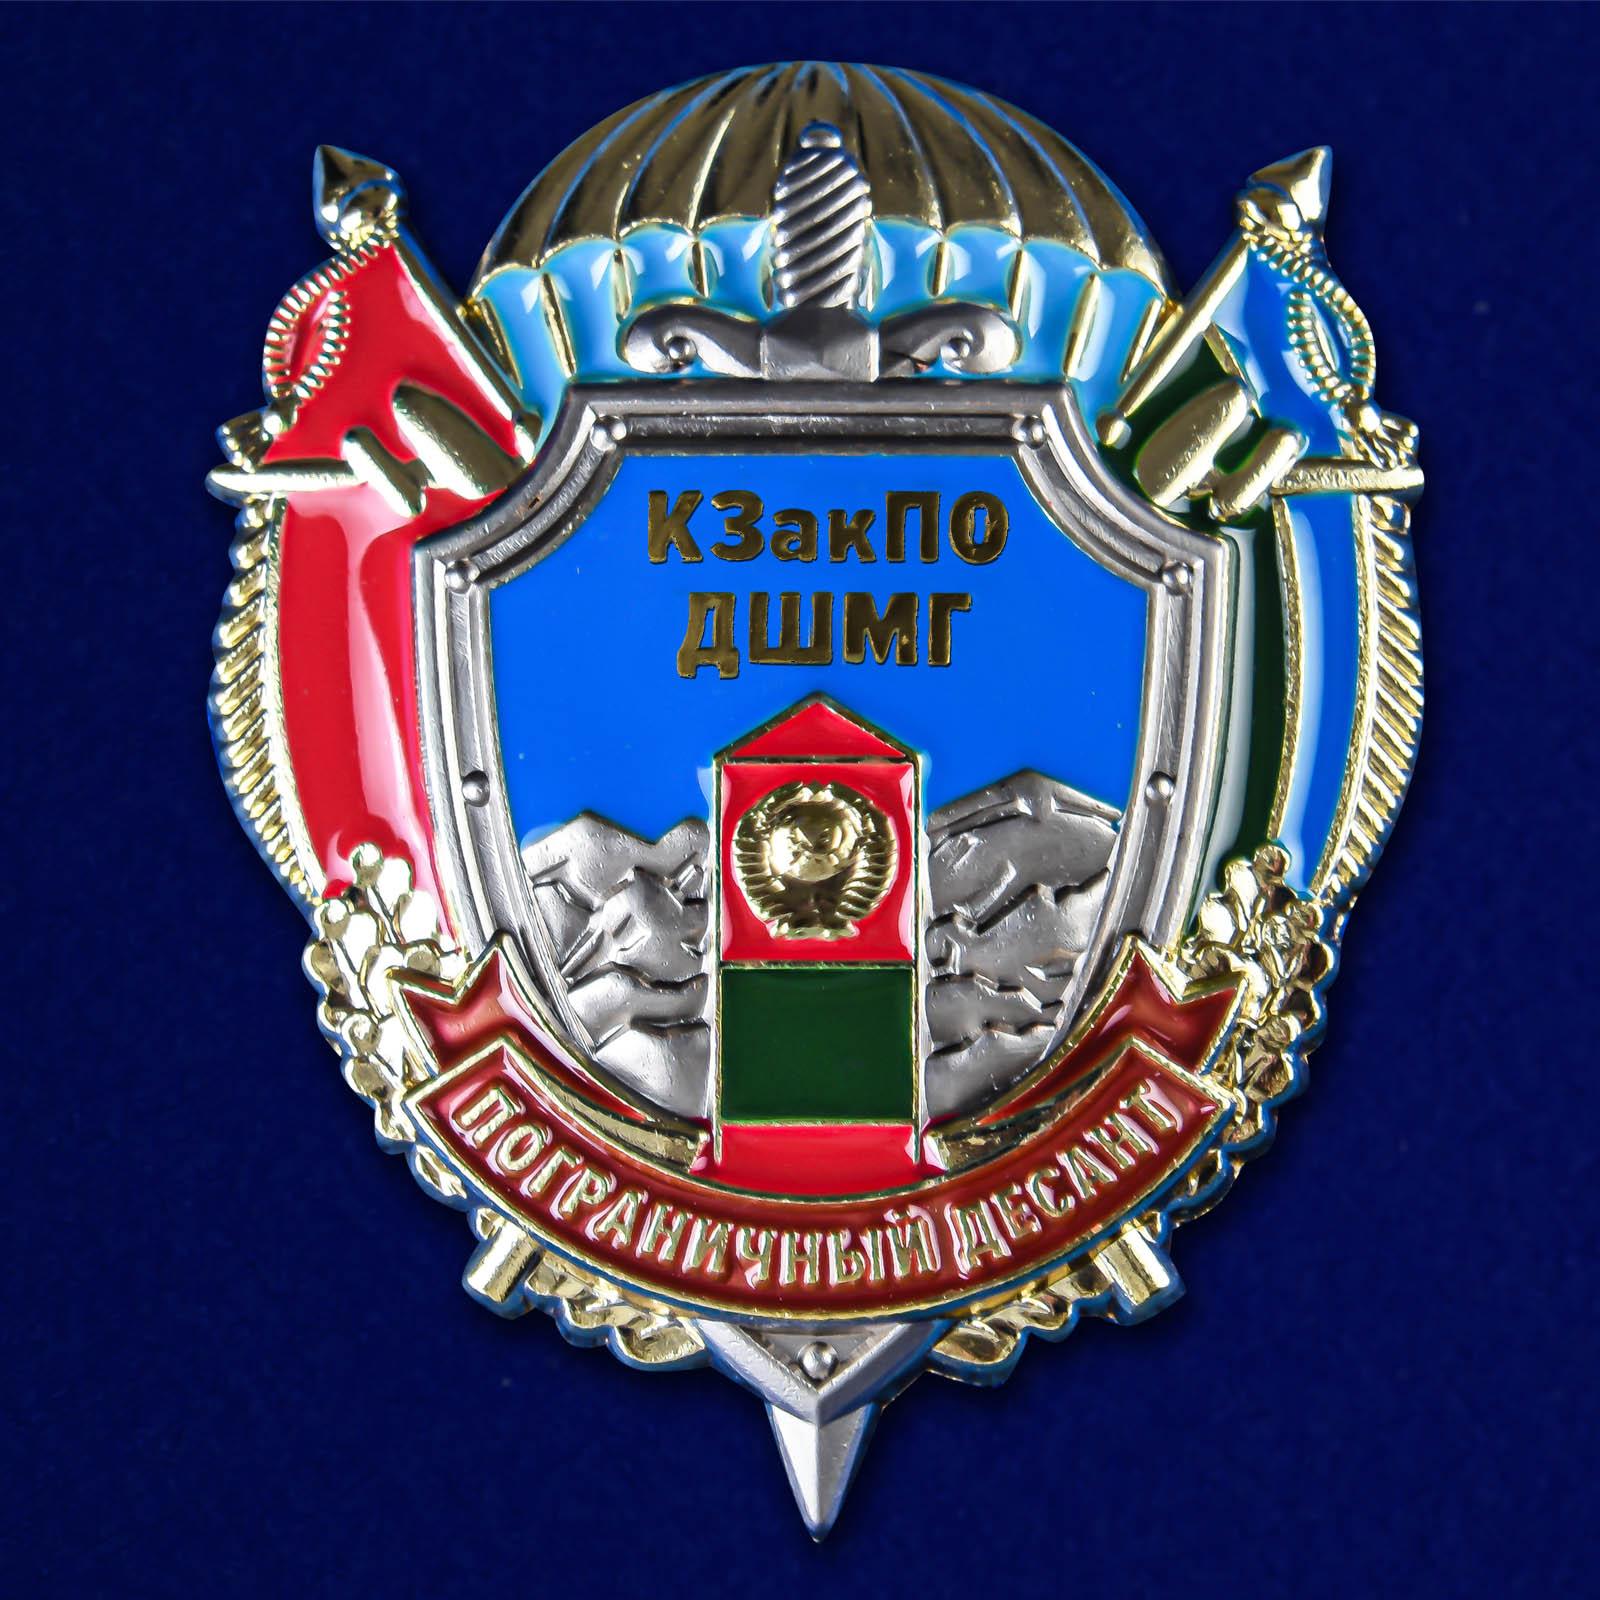 Знак Пограничного десанта КЗакПО ДШМГ на подставке